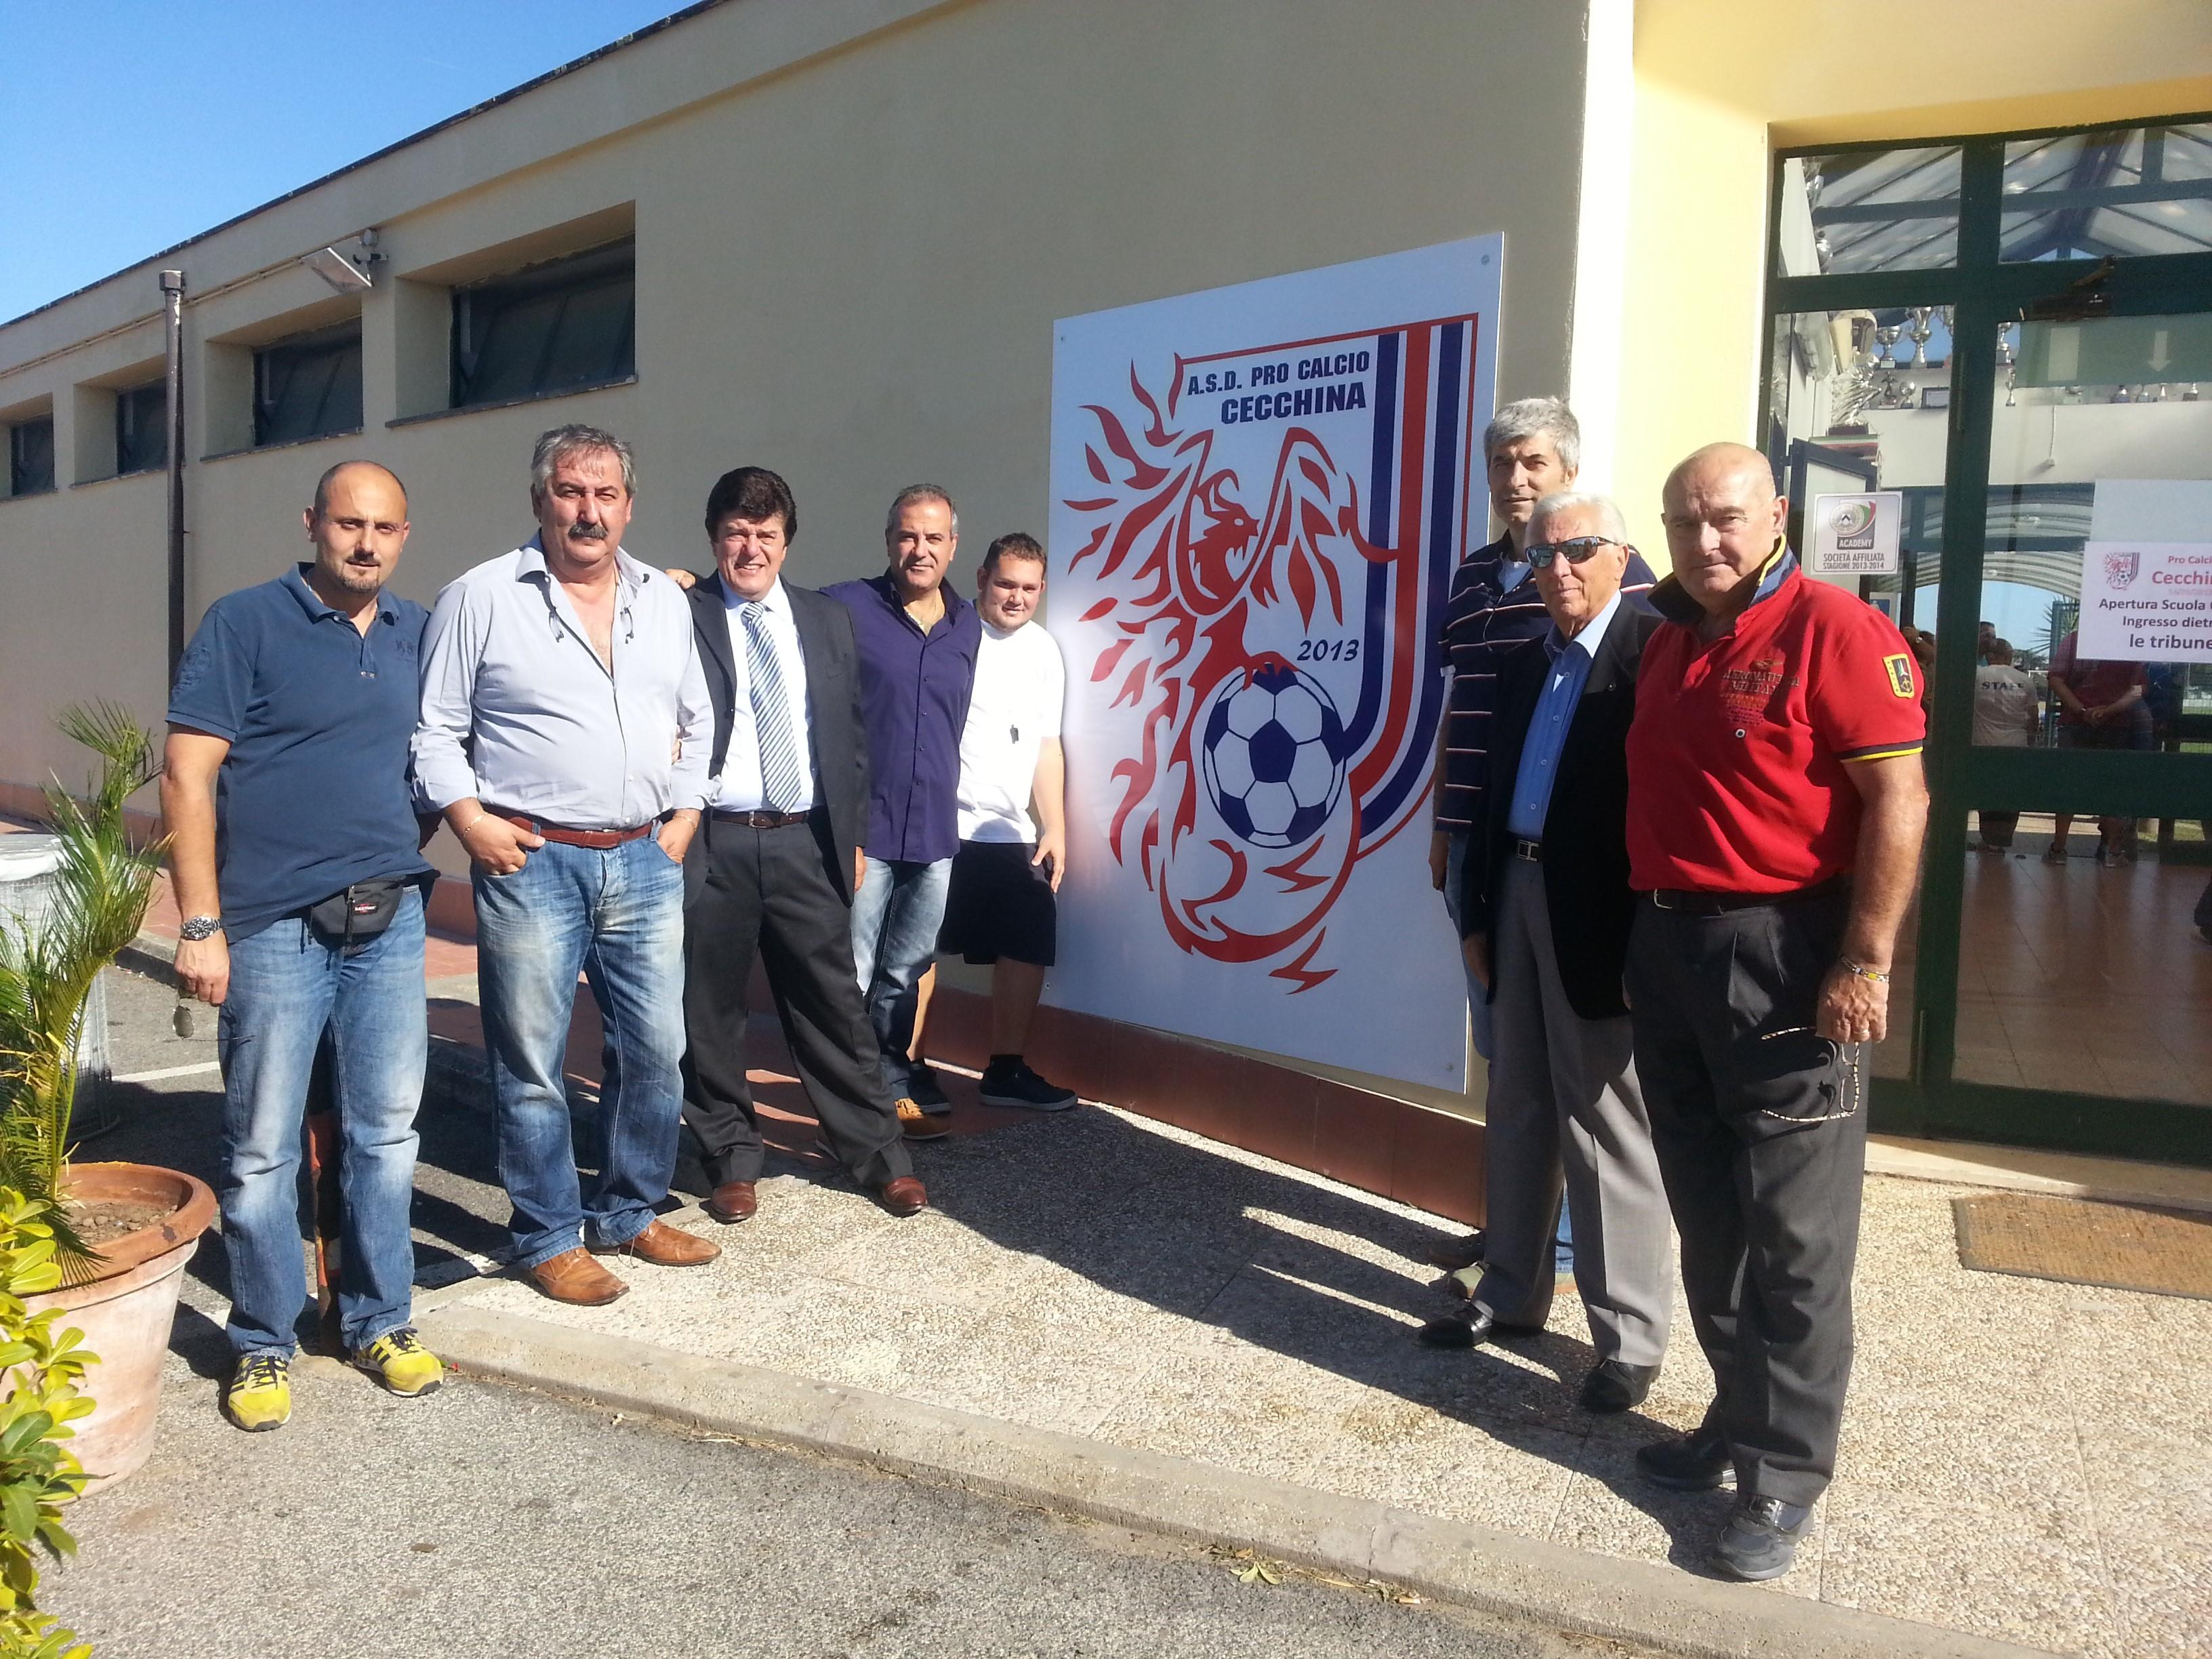 pro_calcio_cecchina